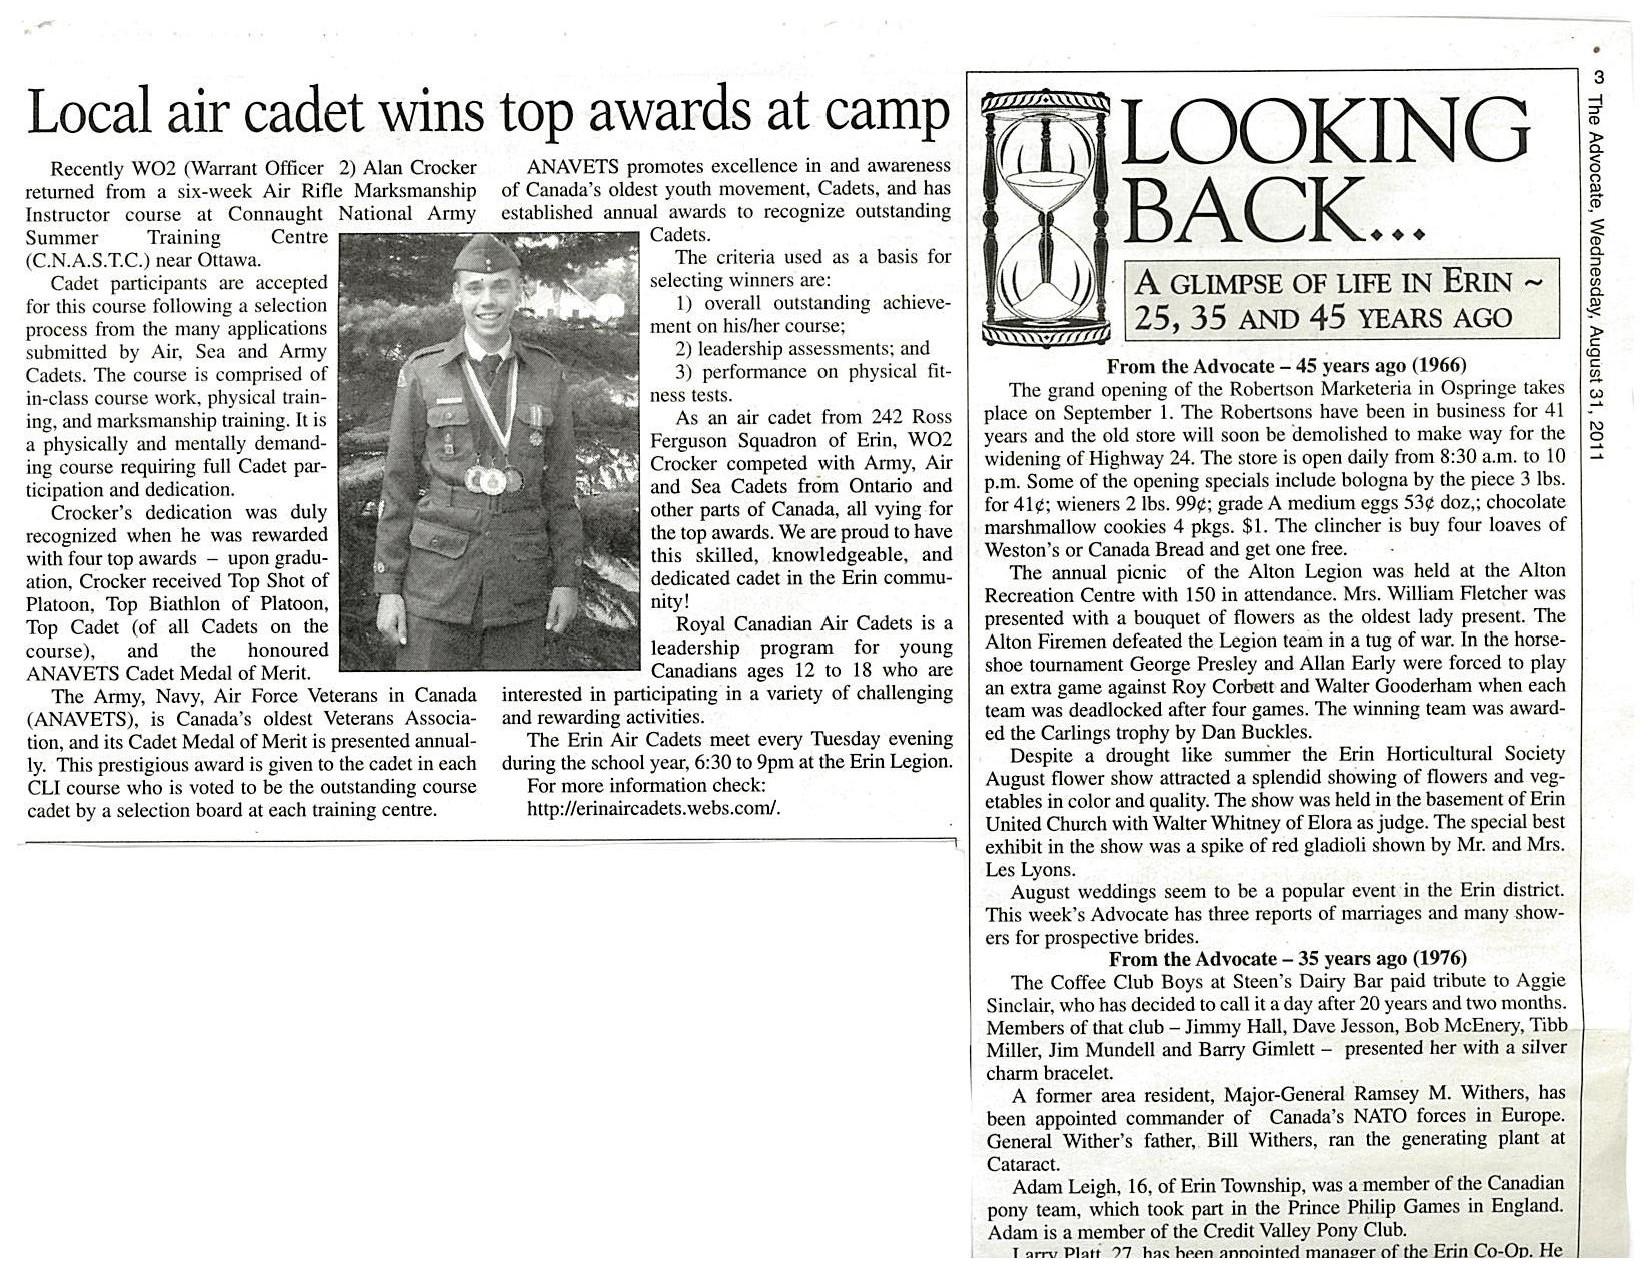 2011 Alan Crocker wins Top Awards